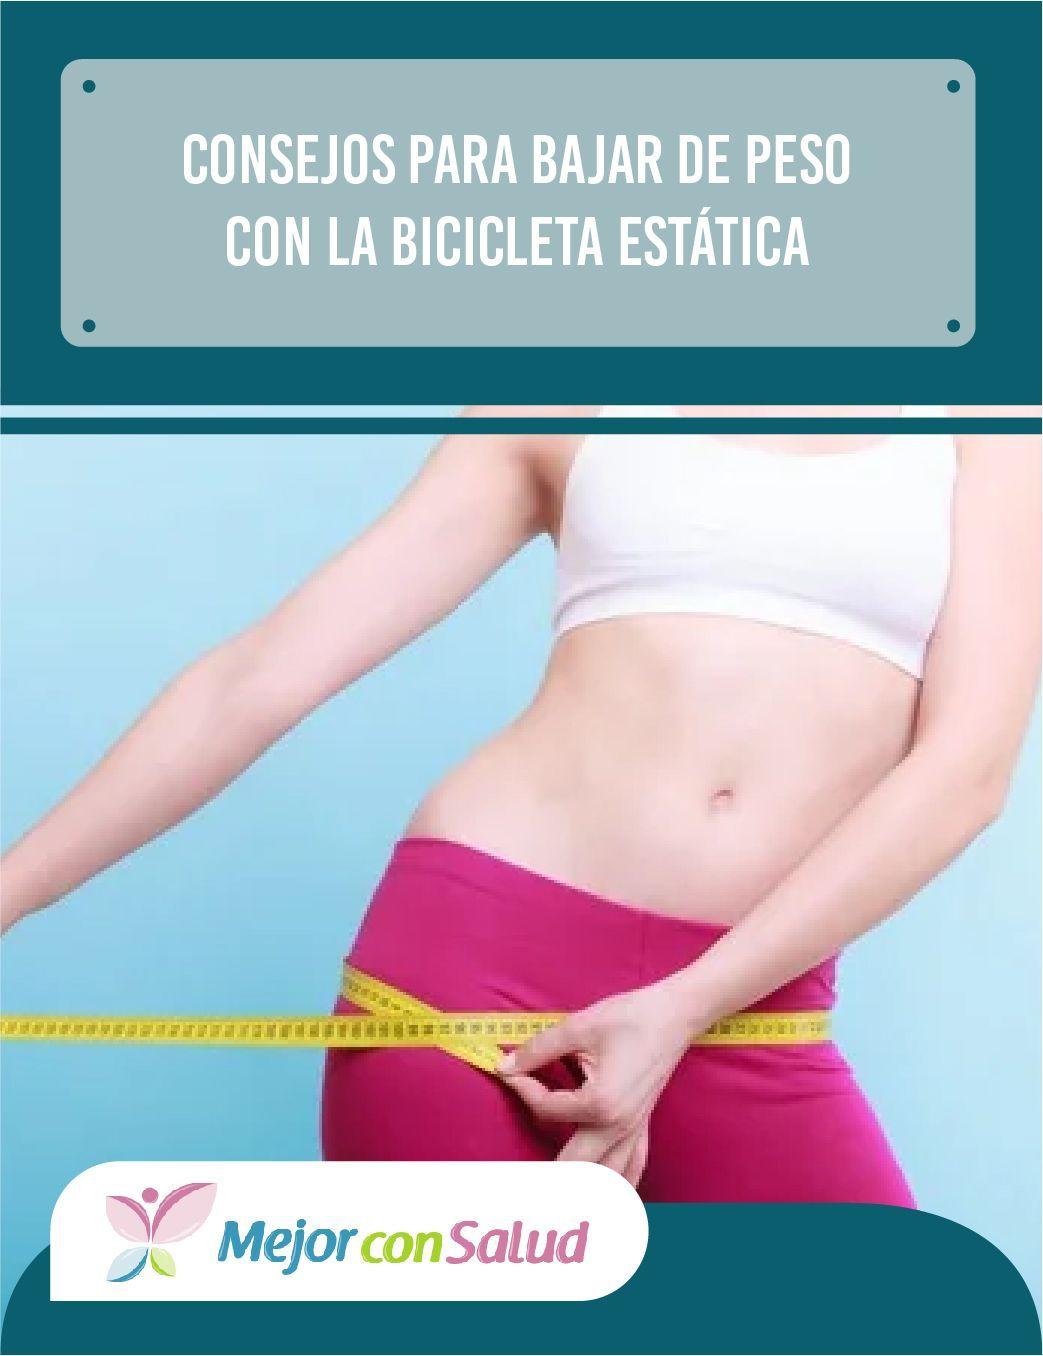 Centro de bajar de peso